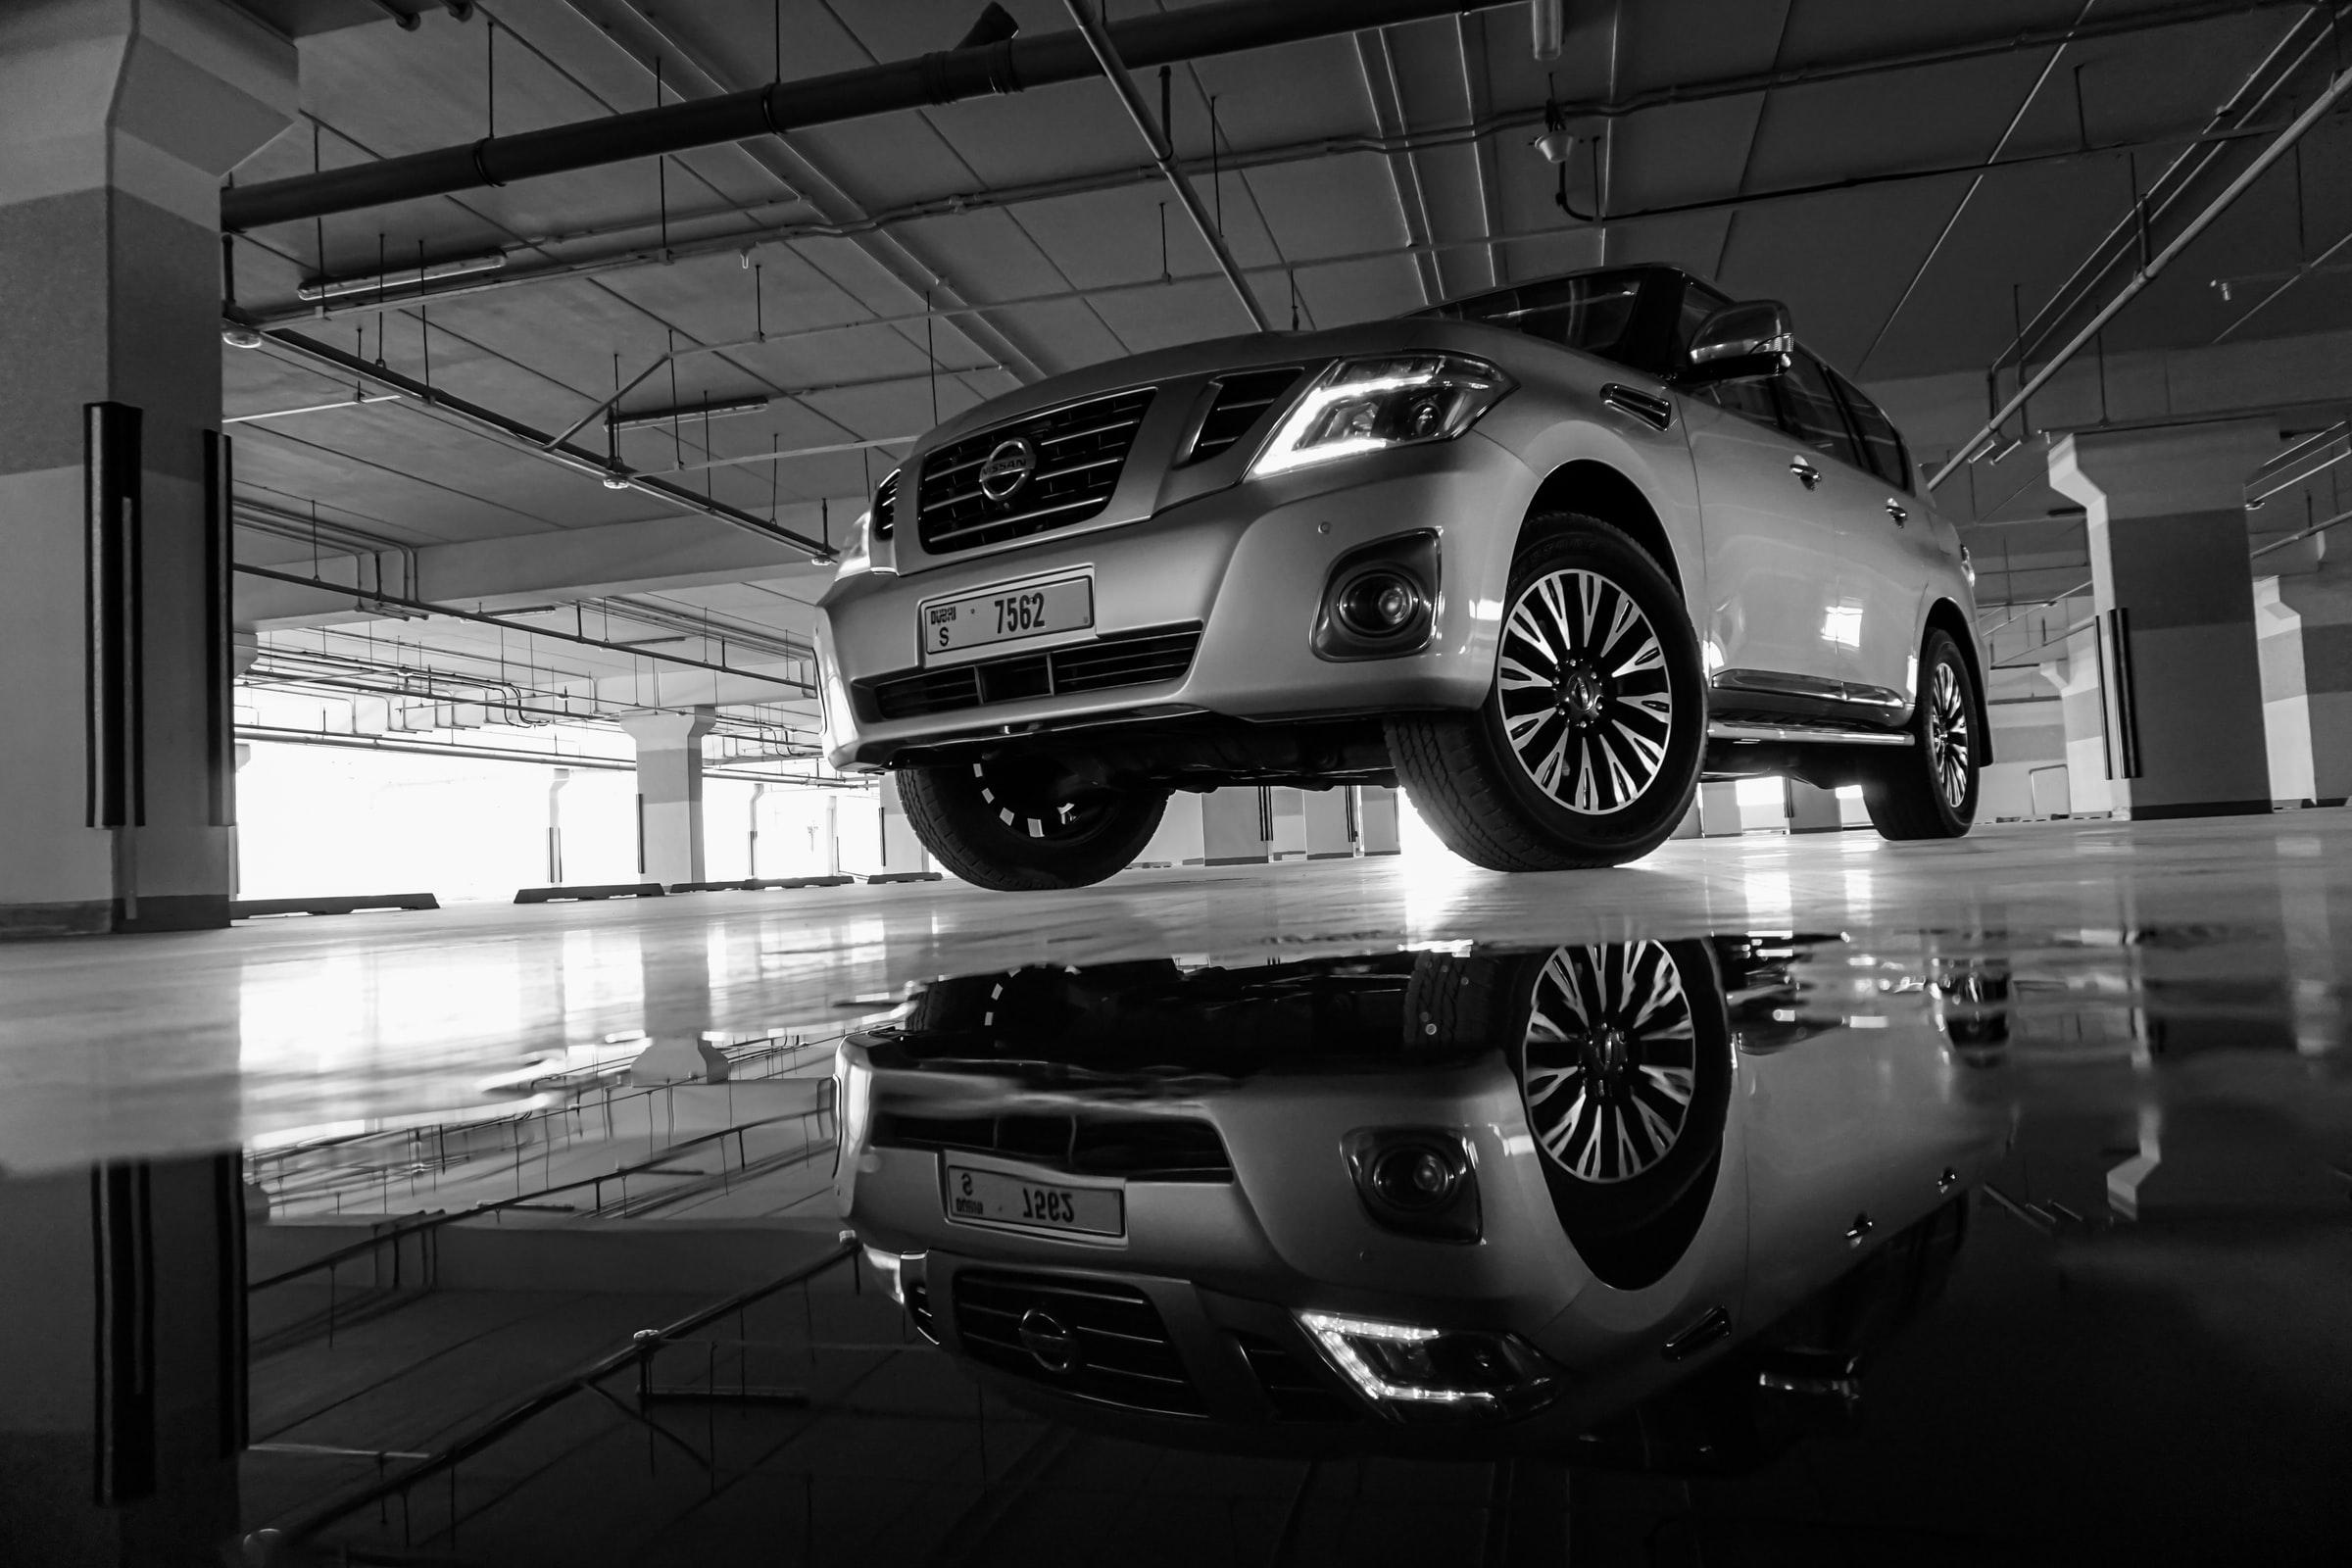 مواصفات ومحركات سيارة نيسان باترول 2020 Nissan Patrol